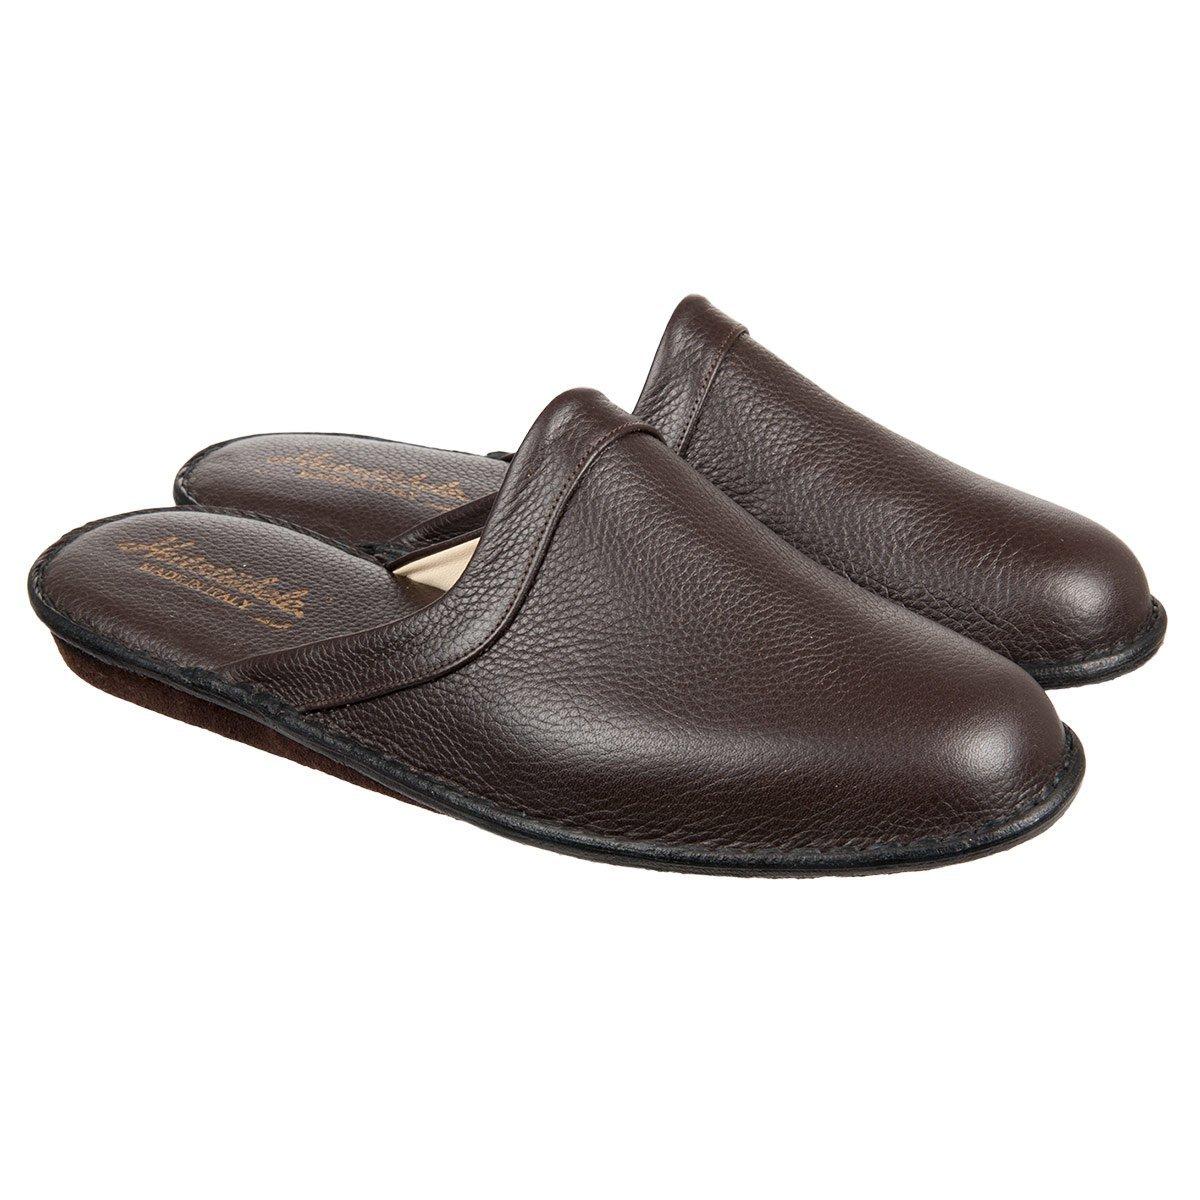 100% authentic 2ae7d b2600 Klassische Lederpantoffeln mit kleinem Absatz